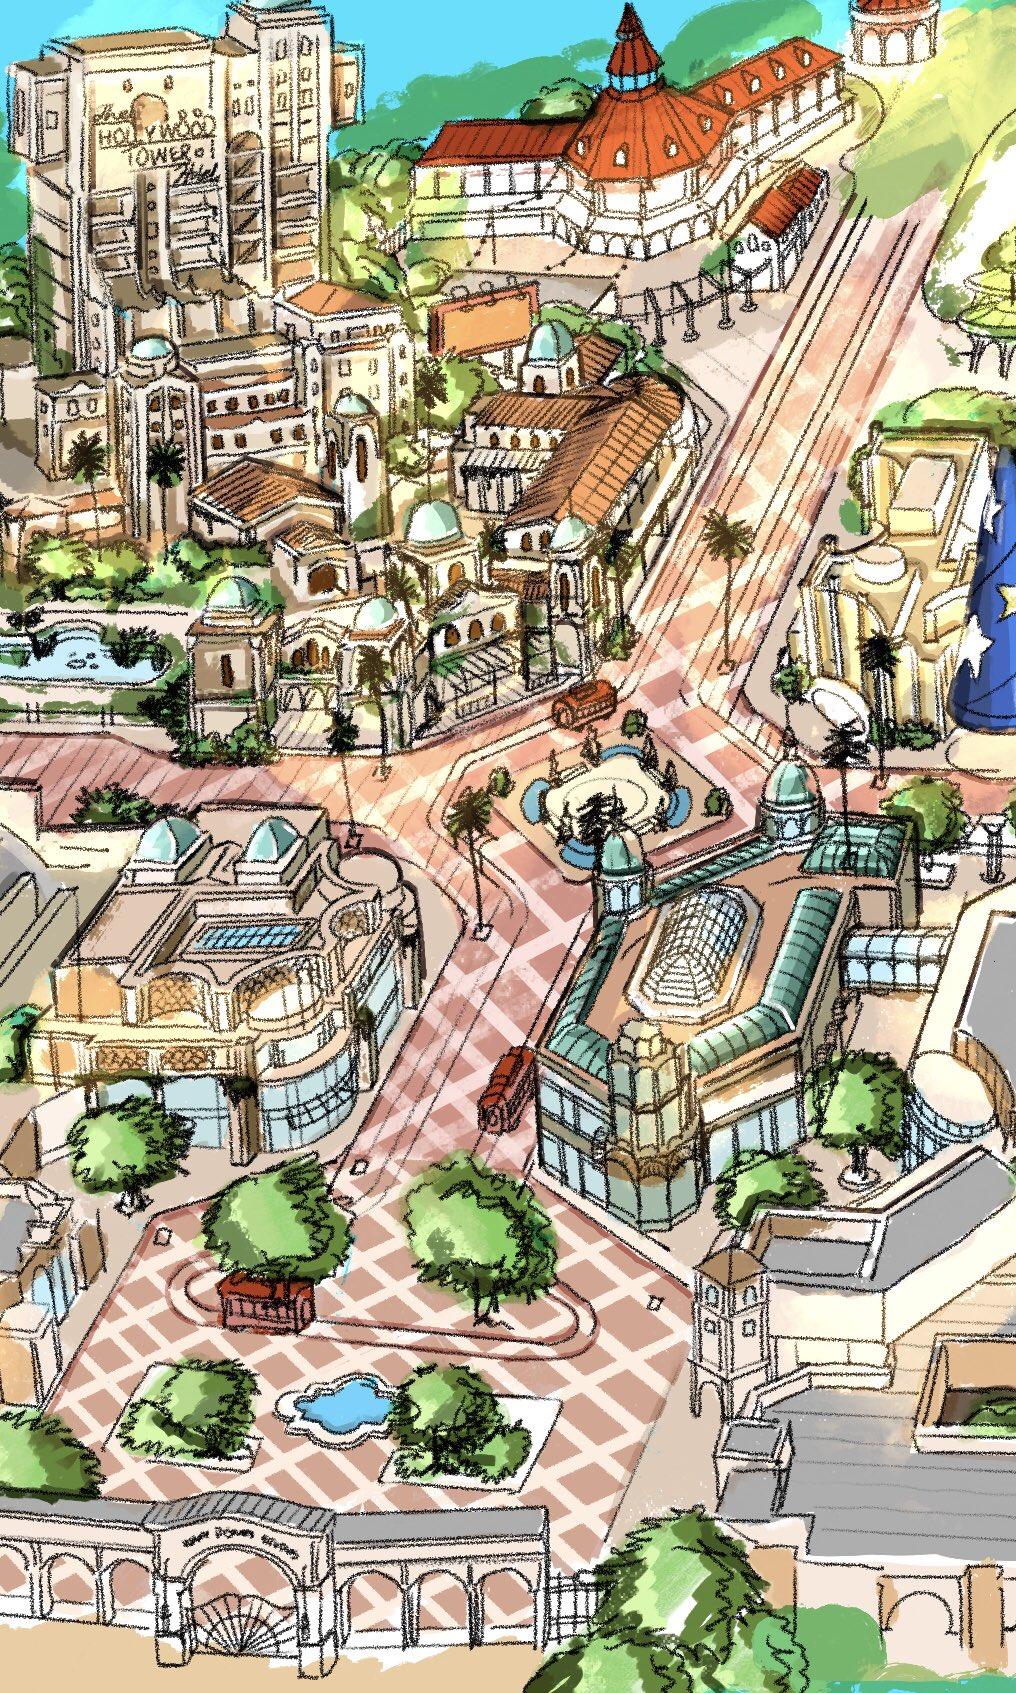 Extension du Parc Walt Disney Studios avec nouvelles zones autour d'un lac (2022-2025) - Page 20 Ehnktb10